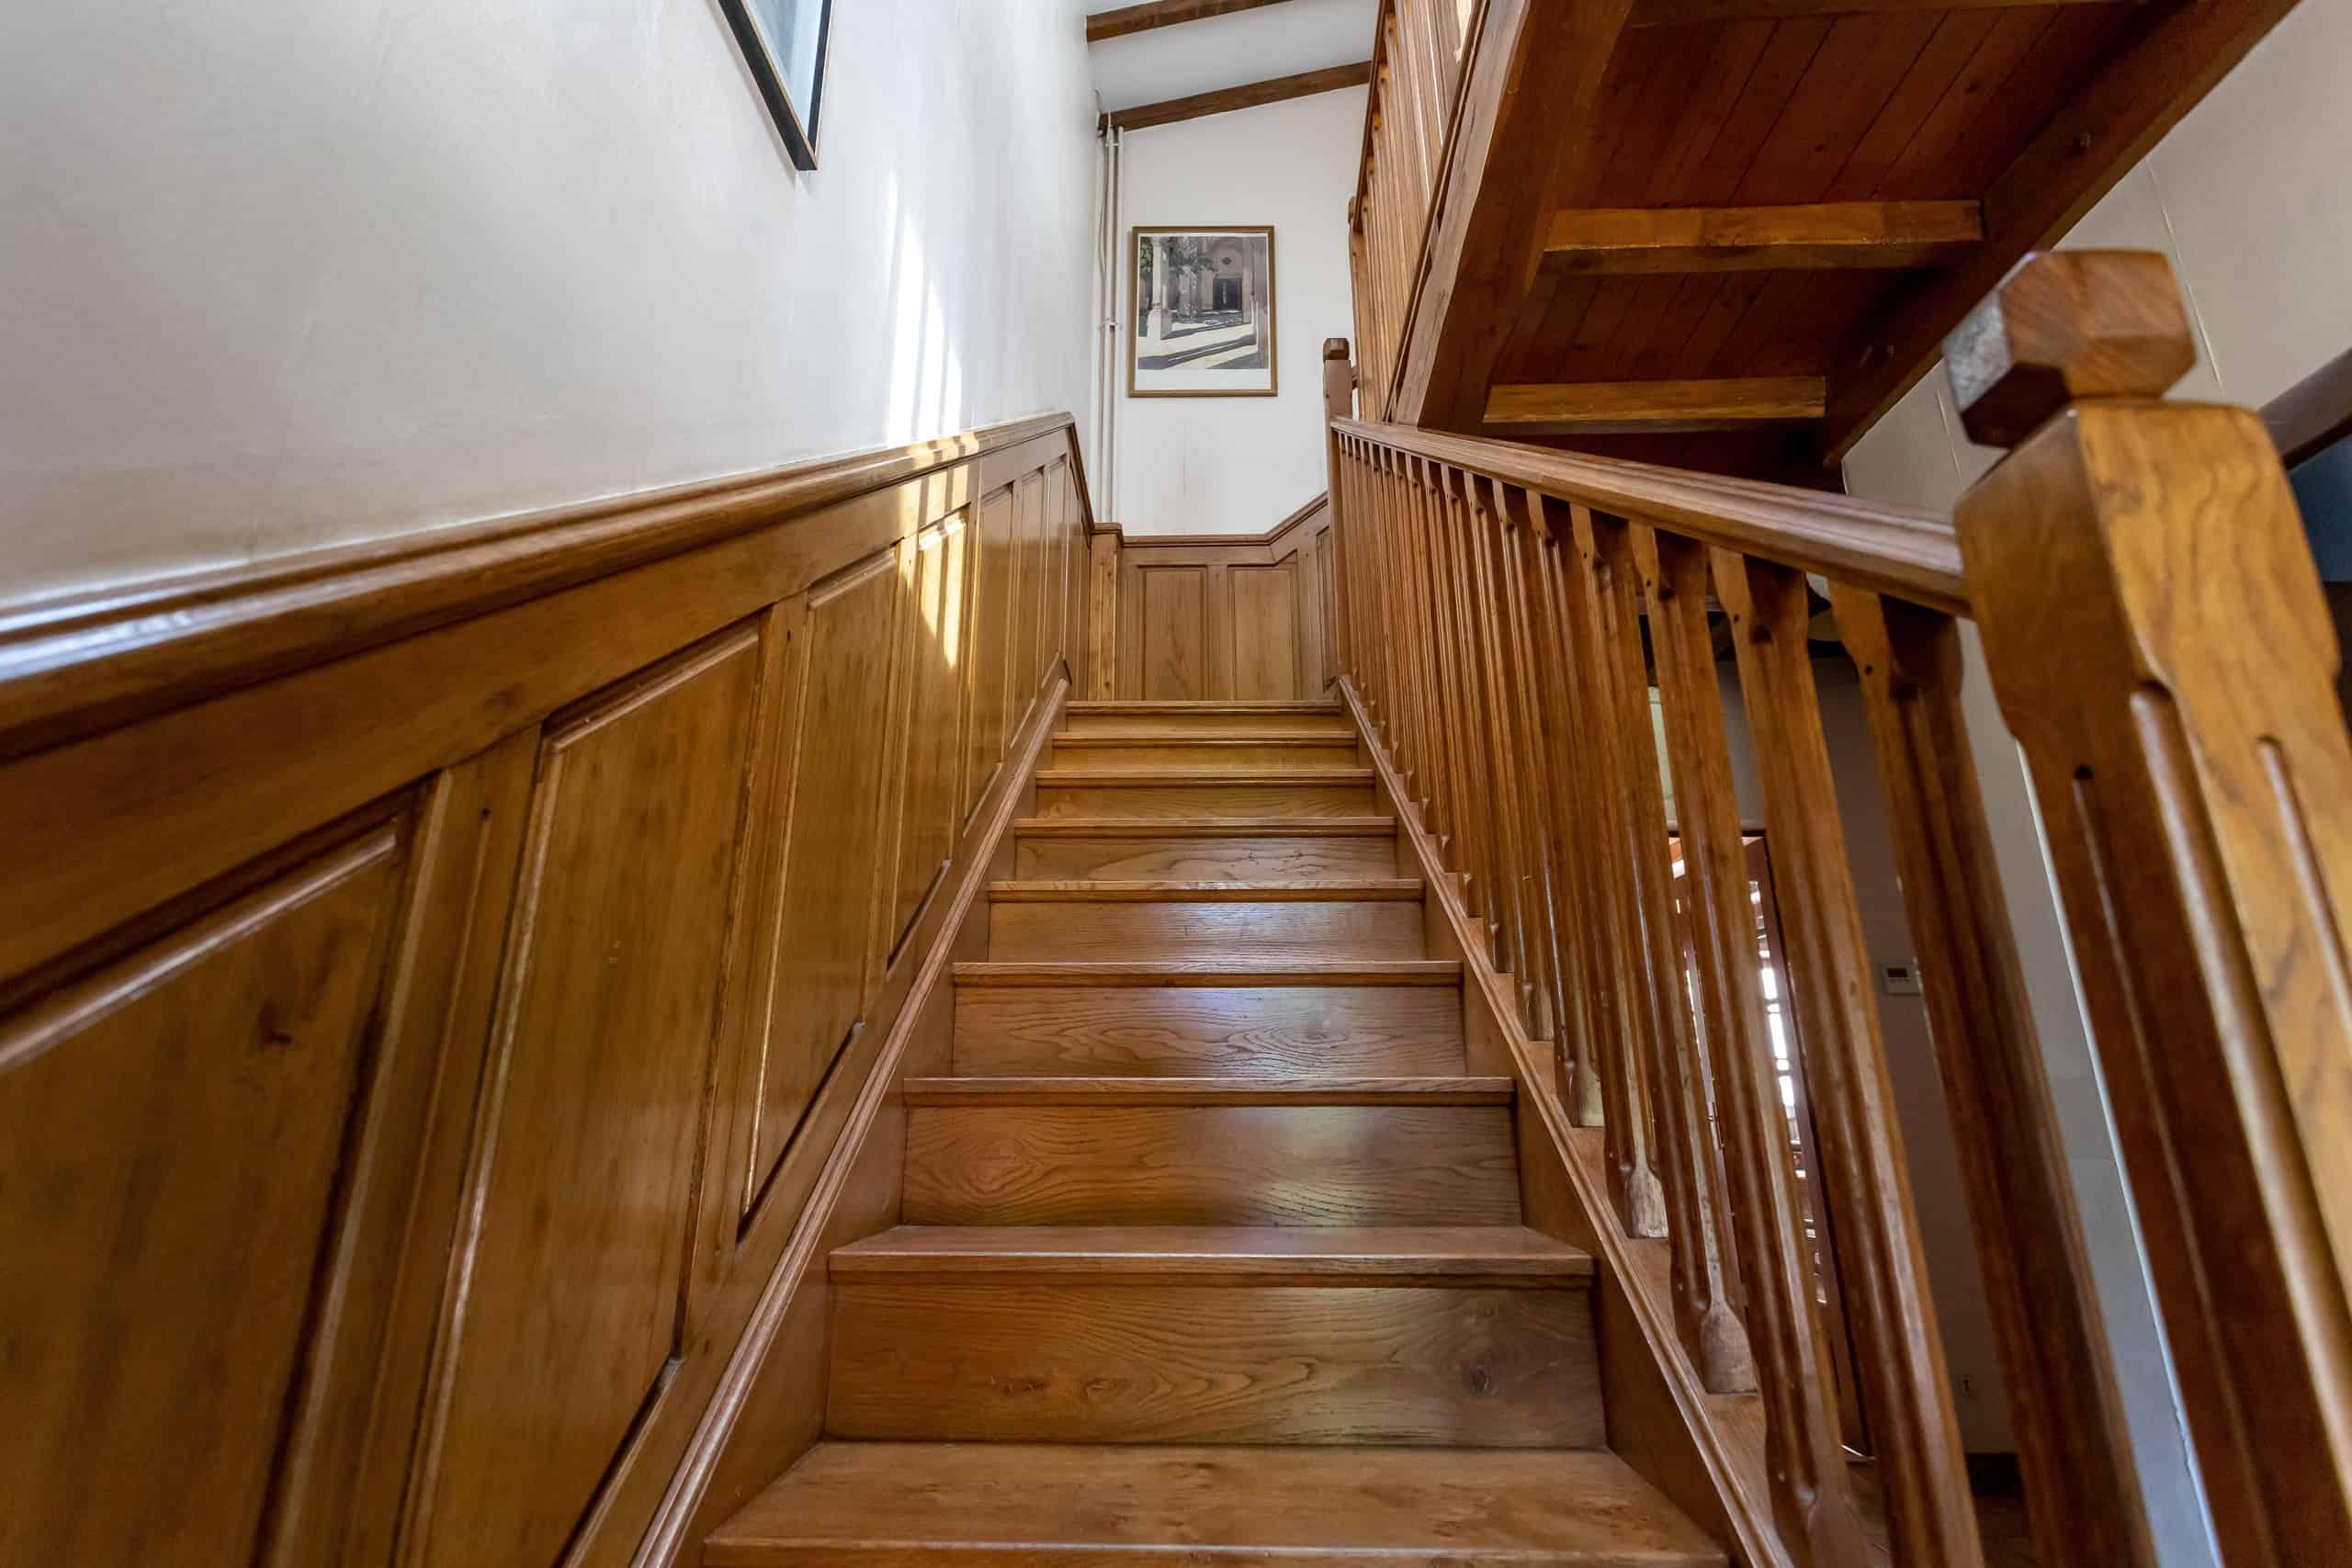 Stairs-WMC080